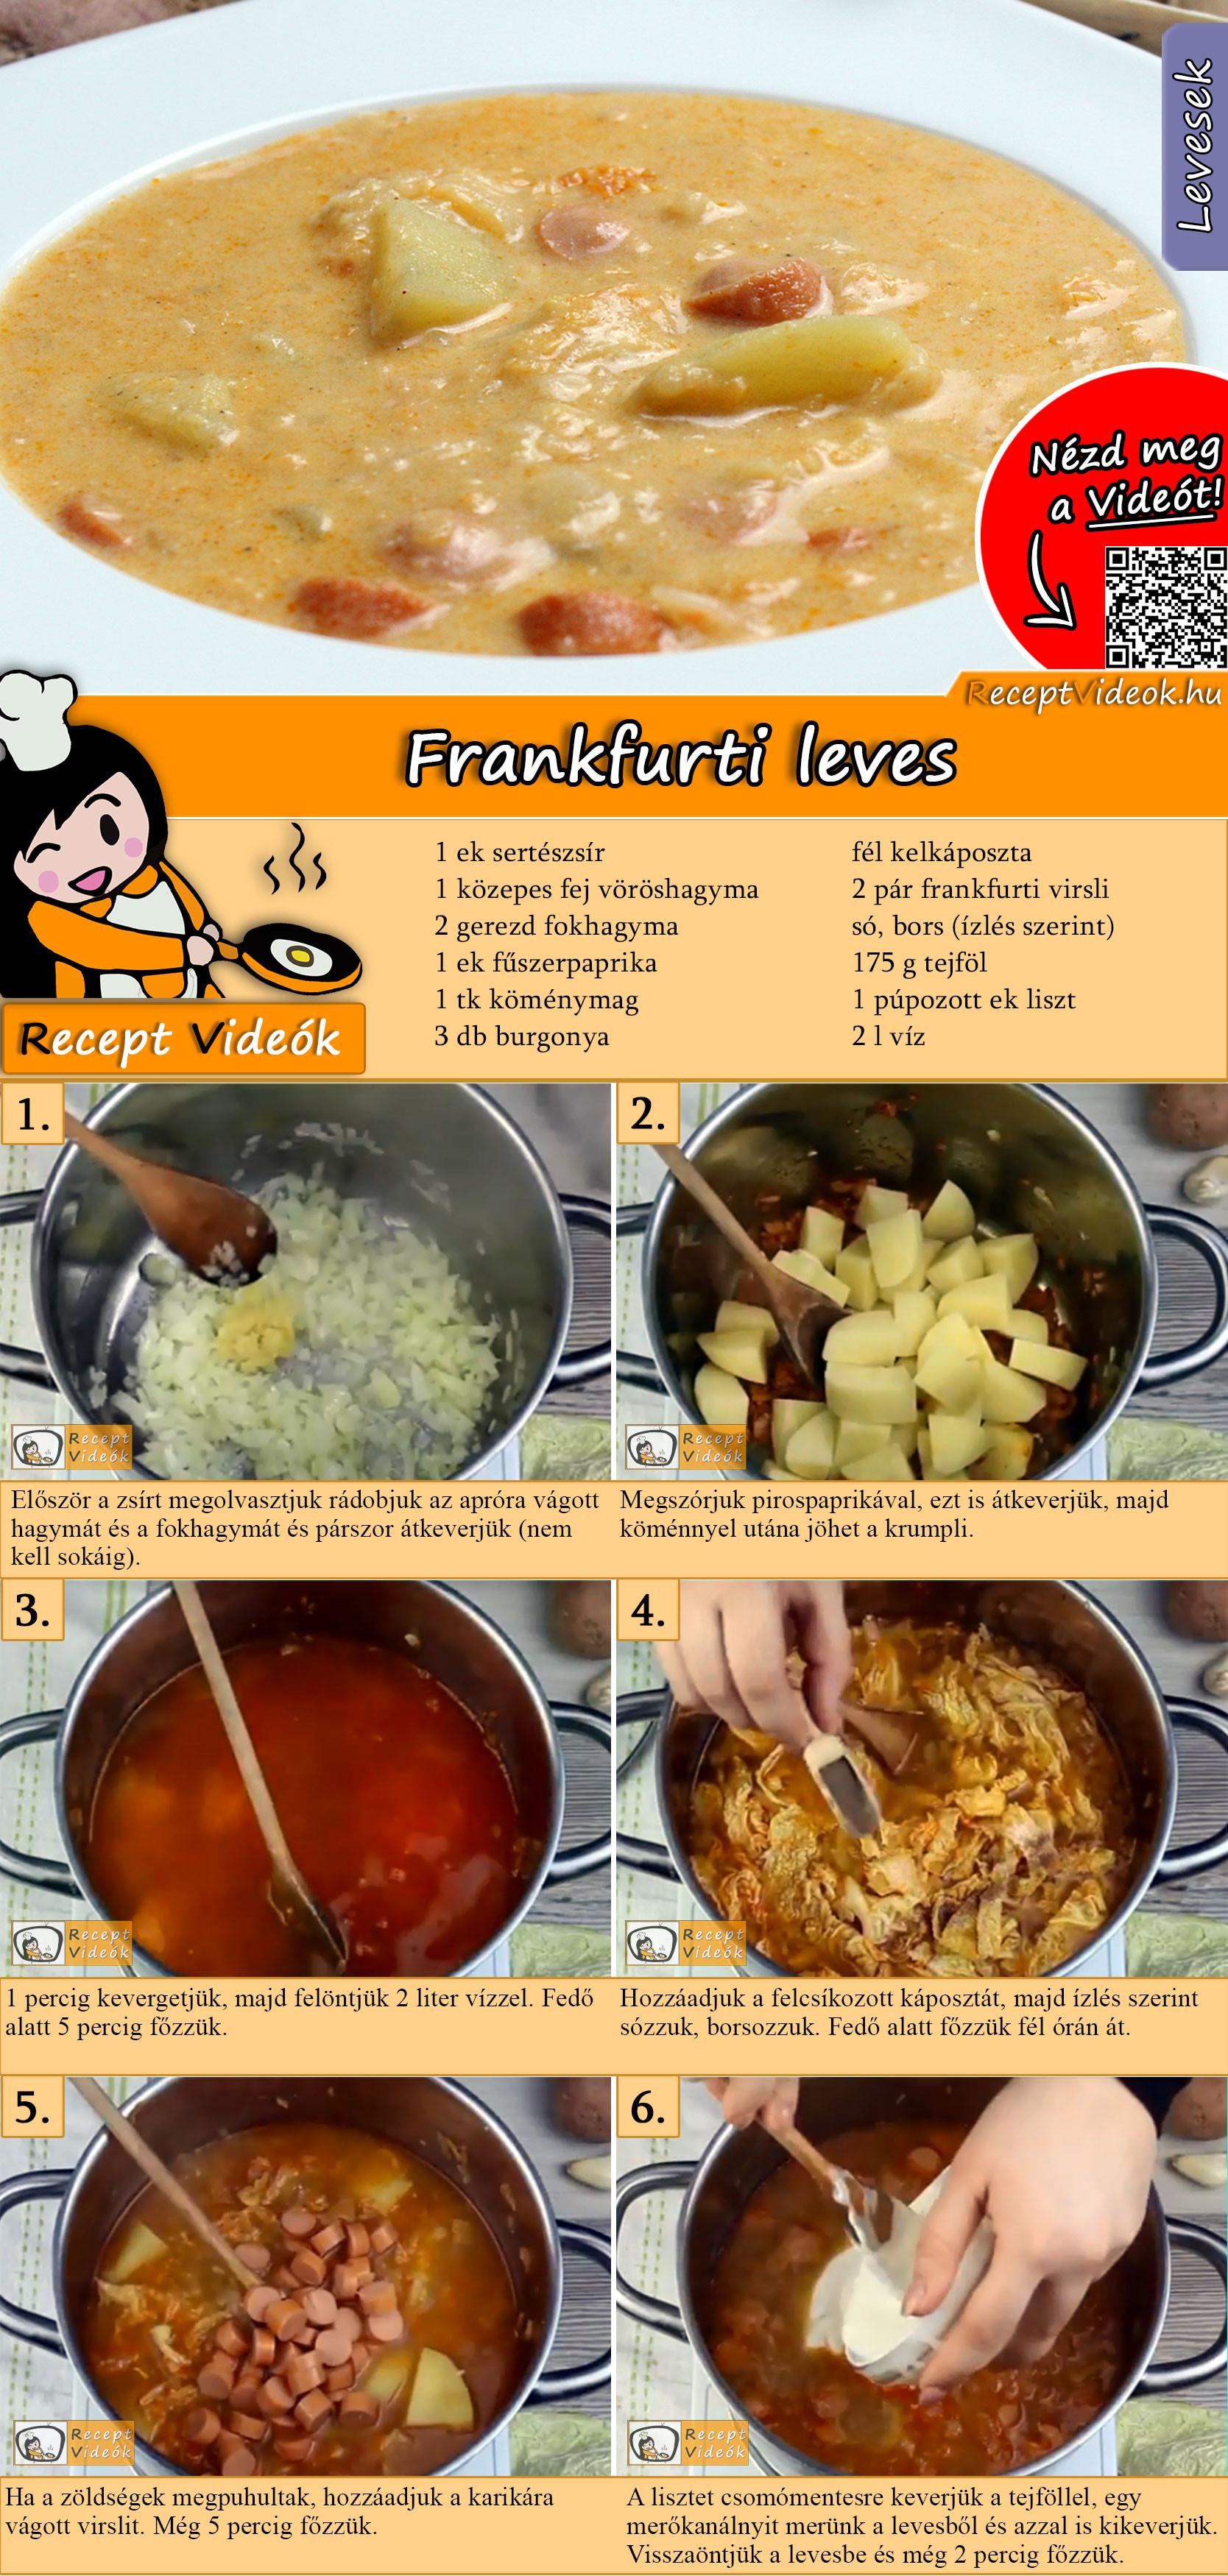 Frankfurti leves recept elkészítése videóval